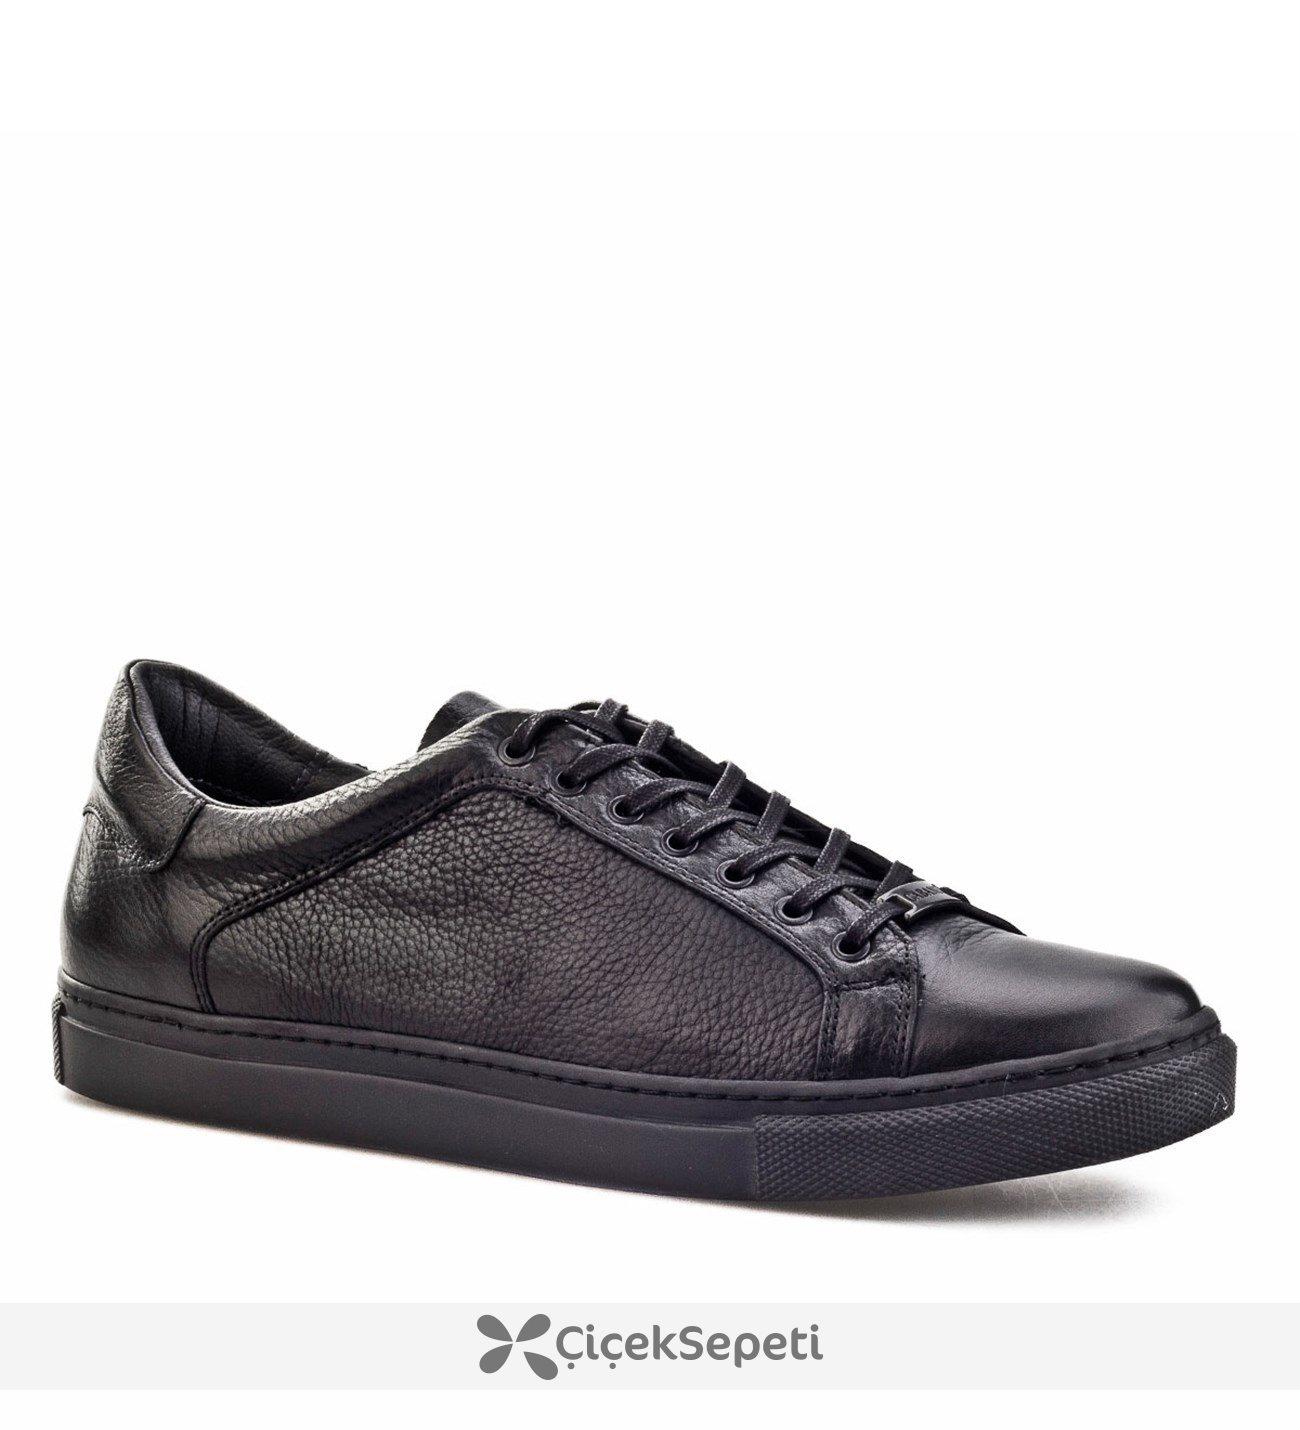 Cabani Bağcıklı Sneaker Erkek Ayakkabı Siyah Naturel Floter Deri